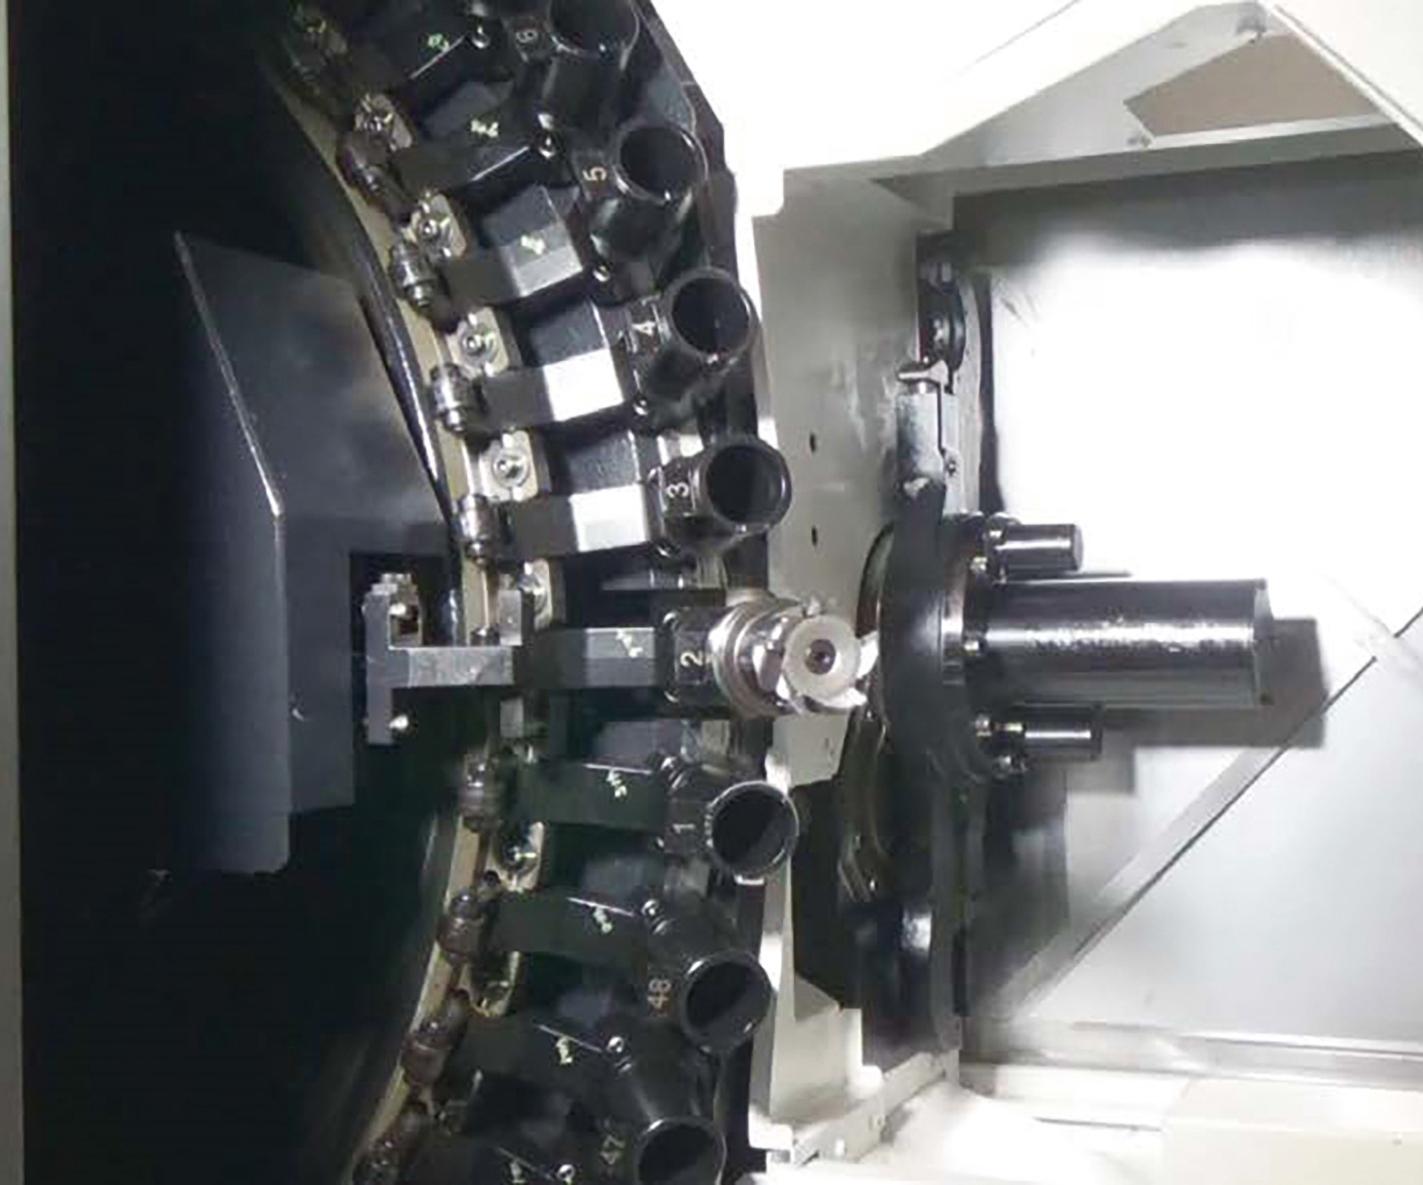 El centro de mecanizado horizontal MB-5000HII, de Okuma,comparado con la versión anterior, cambió el ATC a un magazín tipo disco que es 40% más rápido y que tiene espacio para herramientas de mayor tamaño.